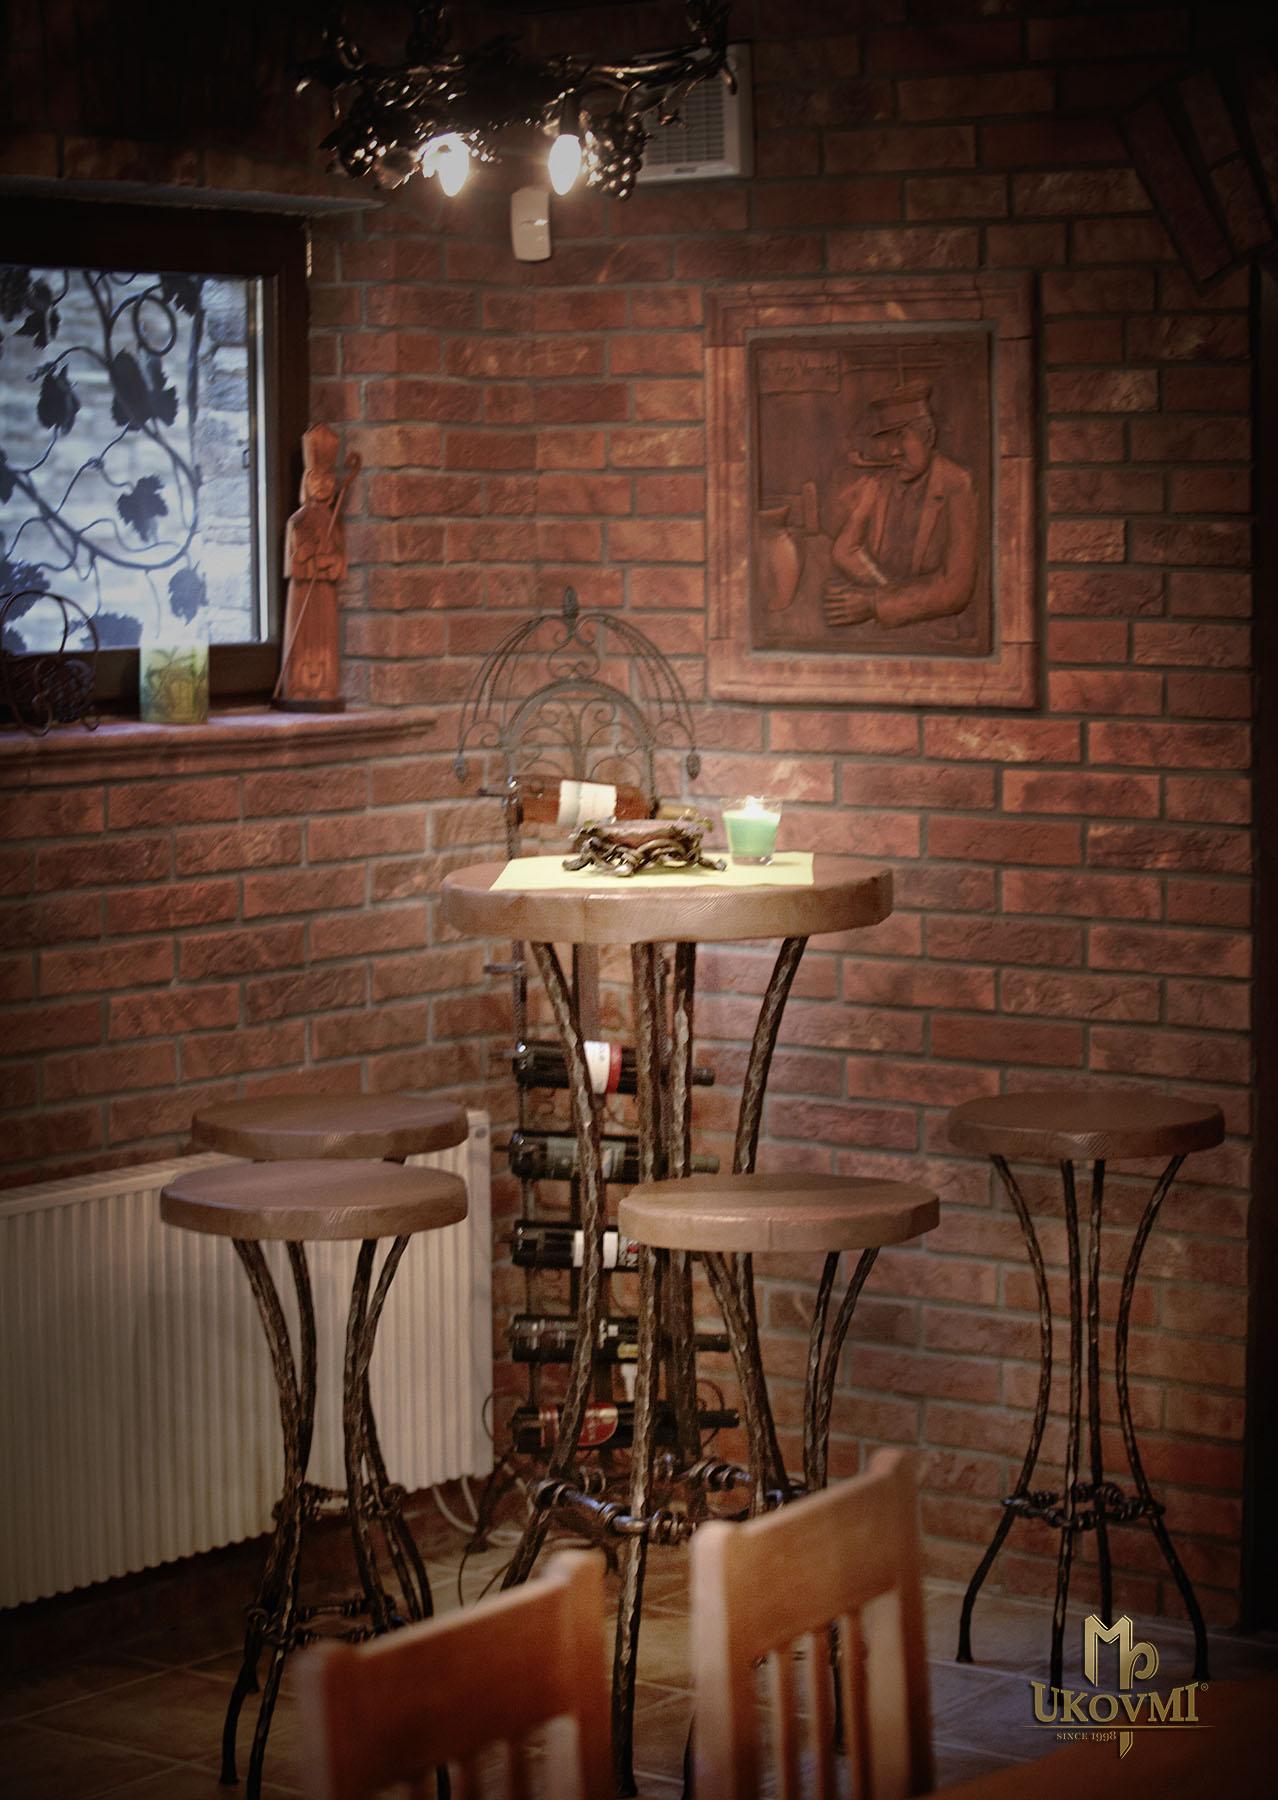 d66ddbc1756b ... Kovaný barový stôl - kovaný nábytok (NBK-102)